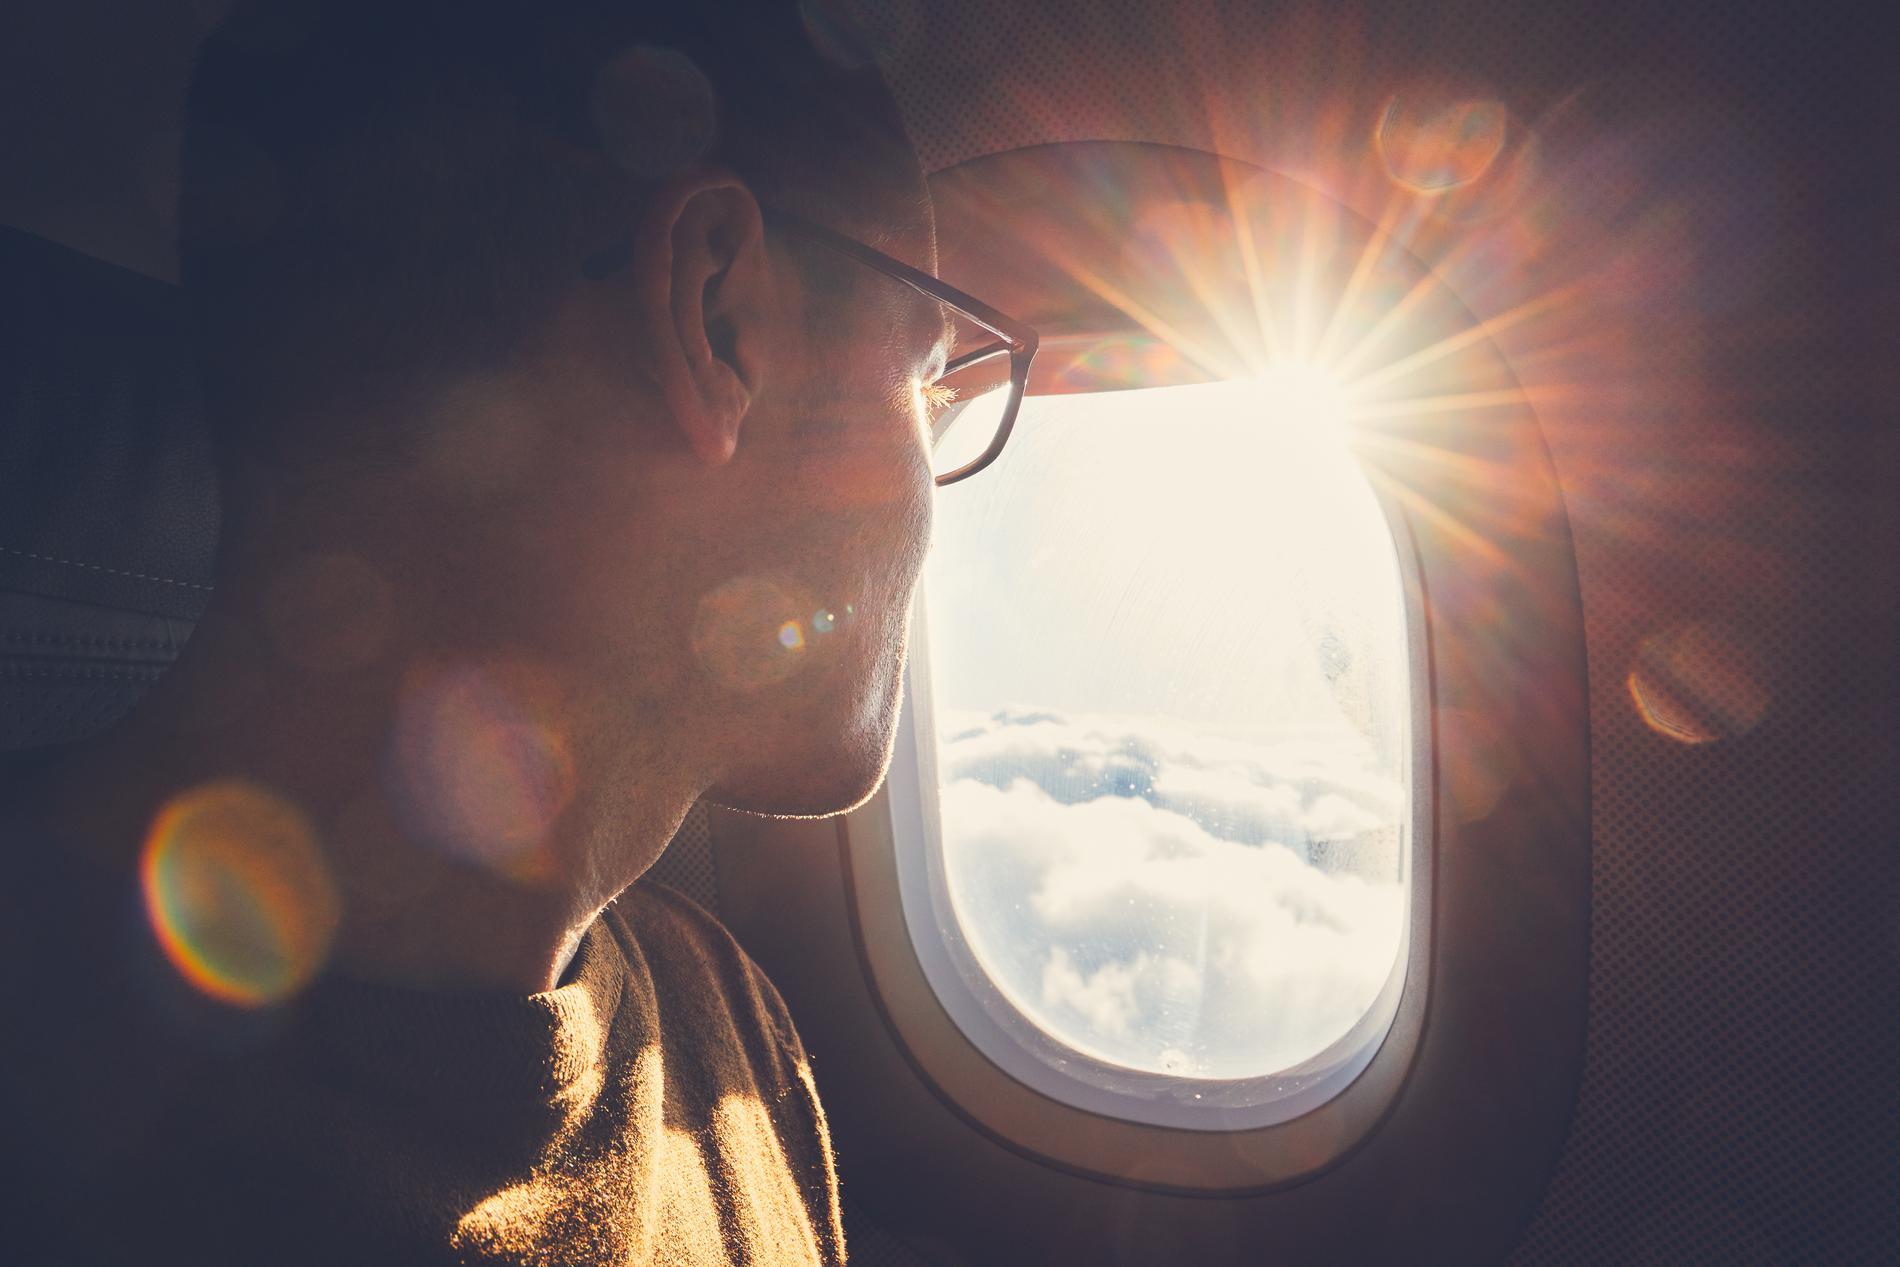 Att flyga i 19 timmar kan vara påfrestande, därför genomfördes olika tester.